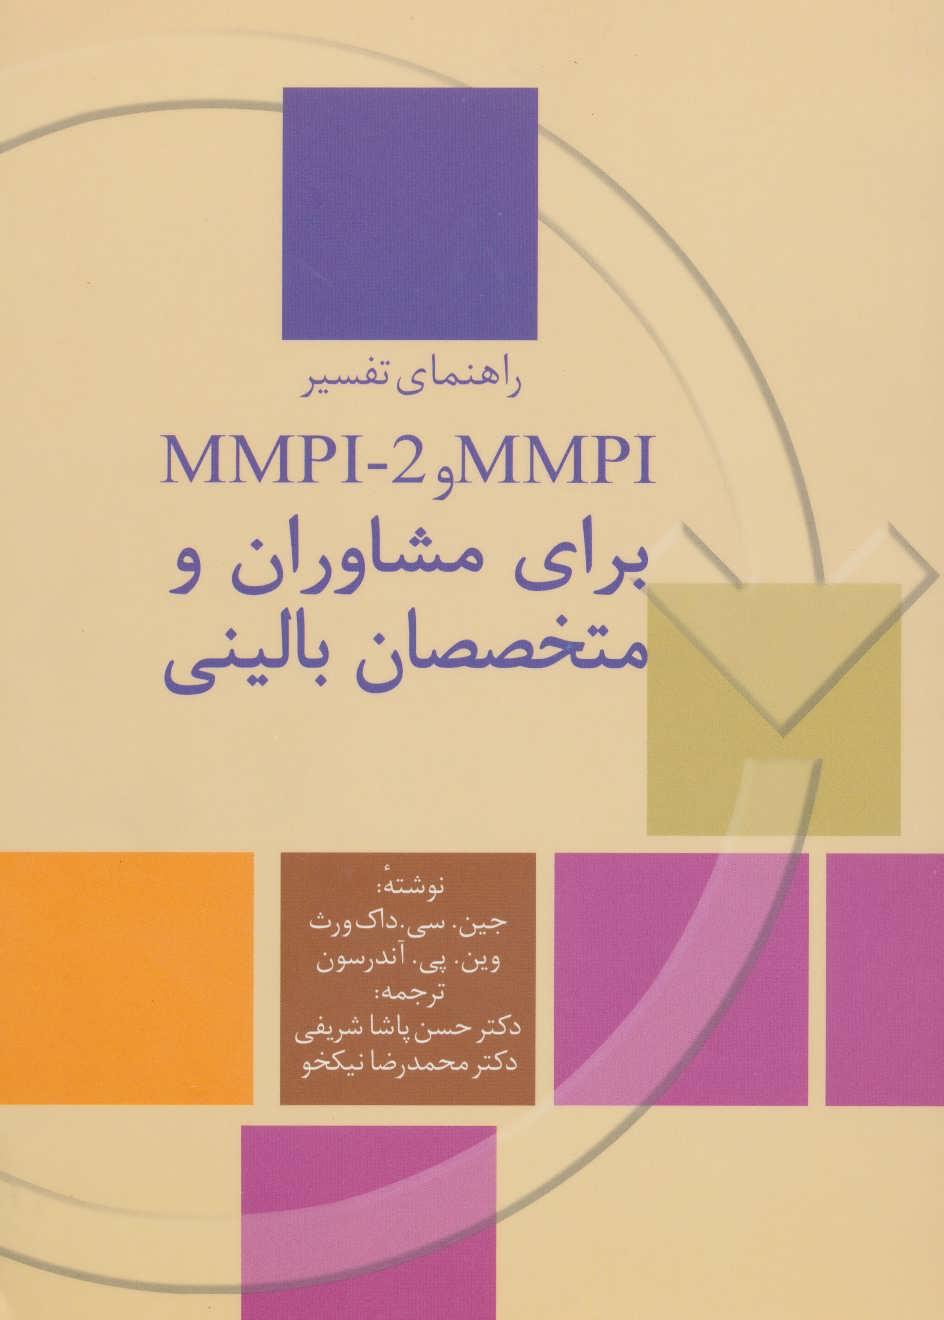 راهنماي تفسير ام ام پي آي و ام ام پي آي-2 ( MMPI و MMPI-2) براي مشاوران و متخصصان باليني